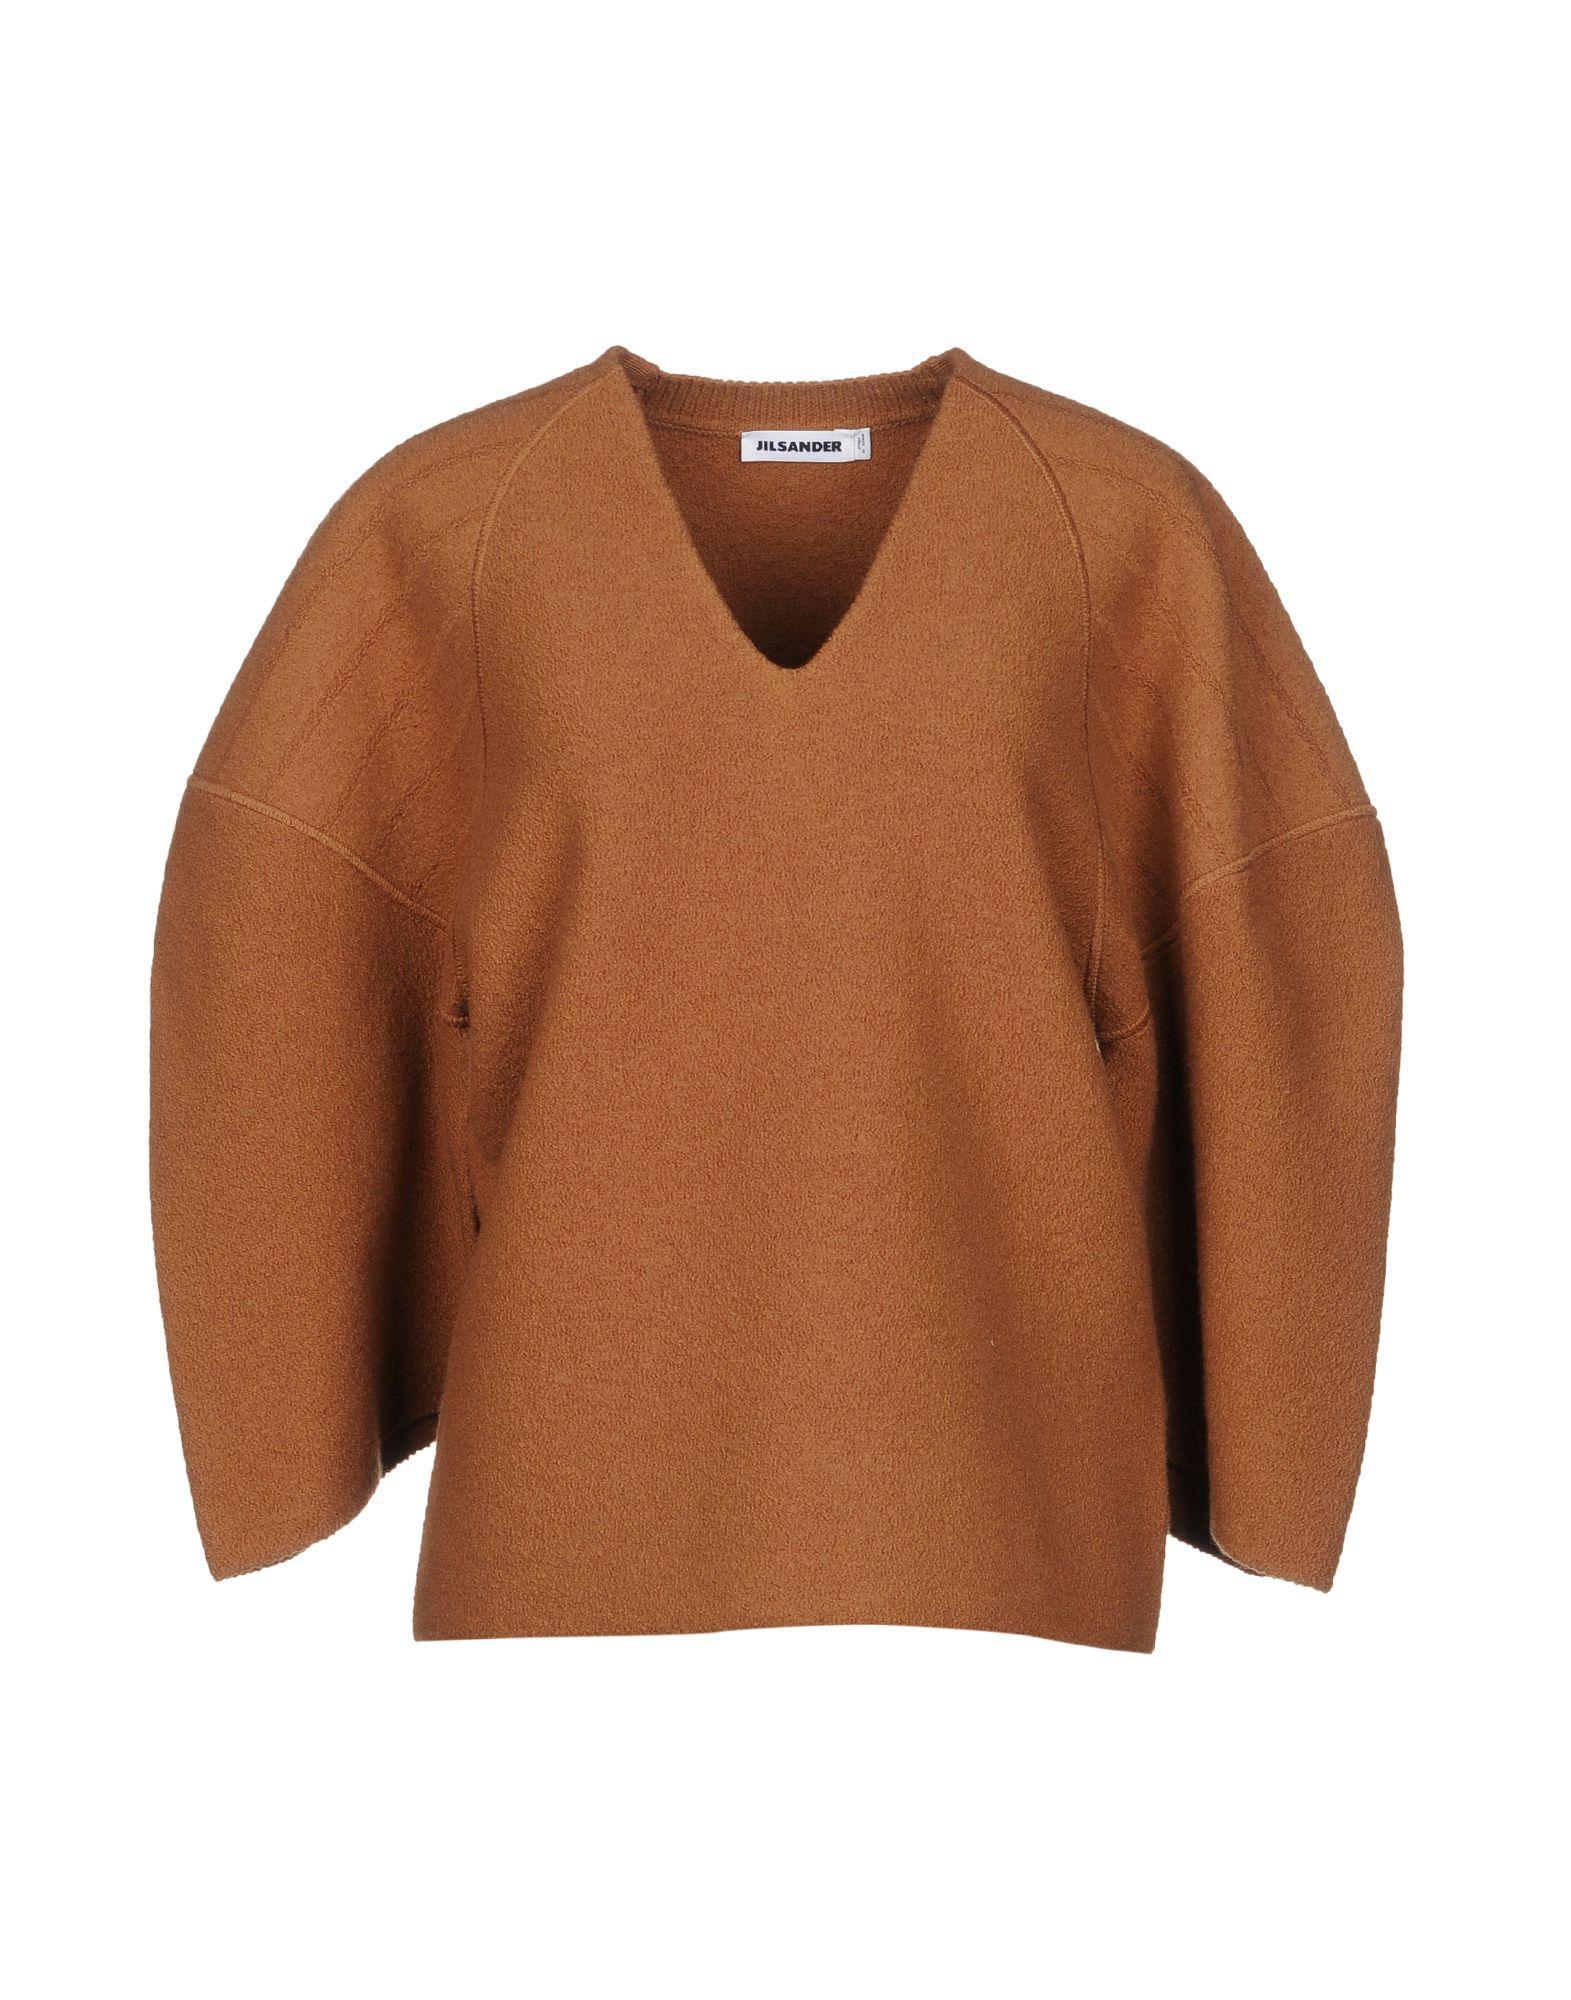 Jil Sander Sweaters In Camel